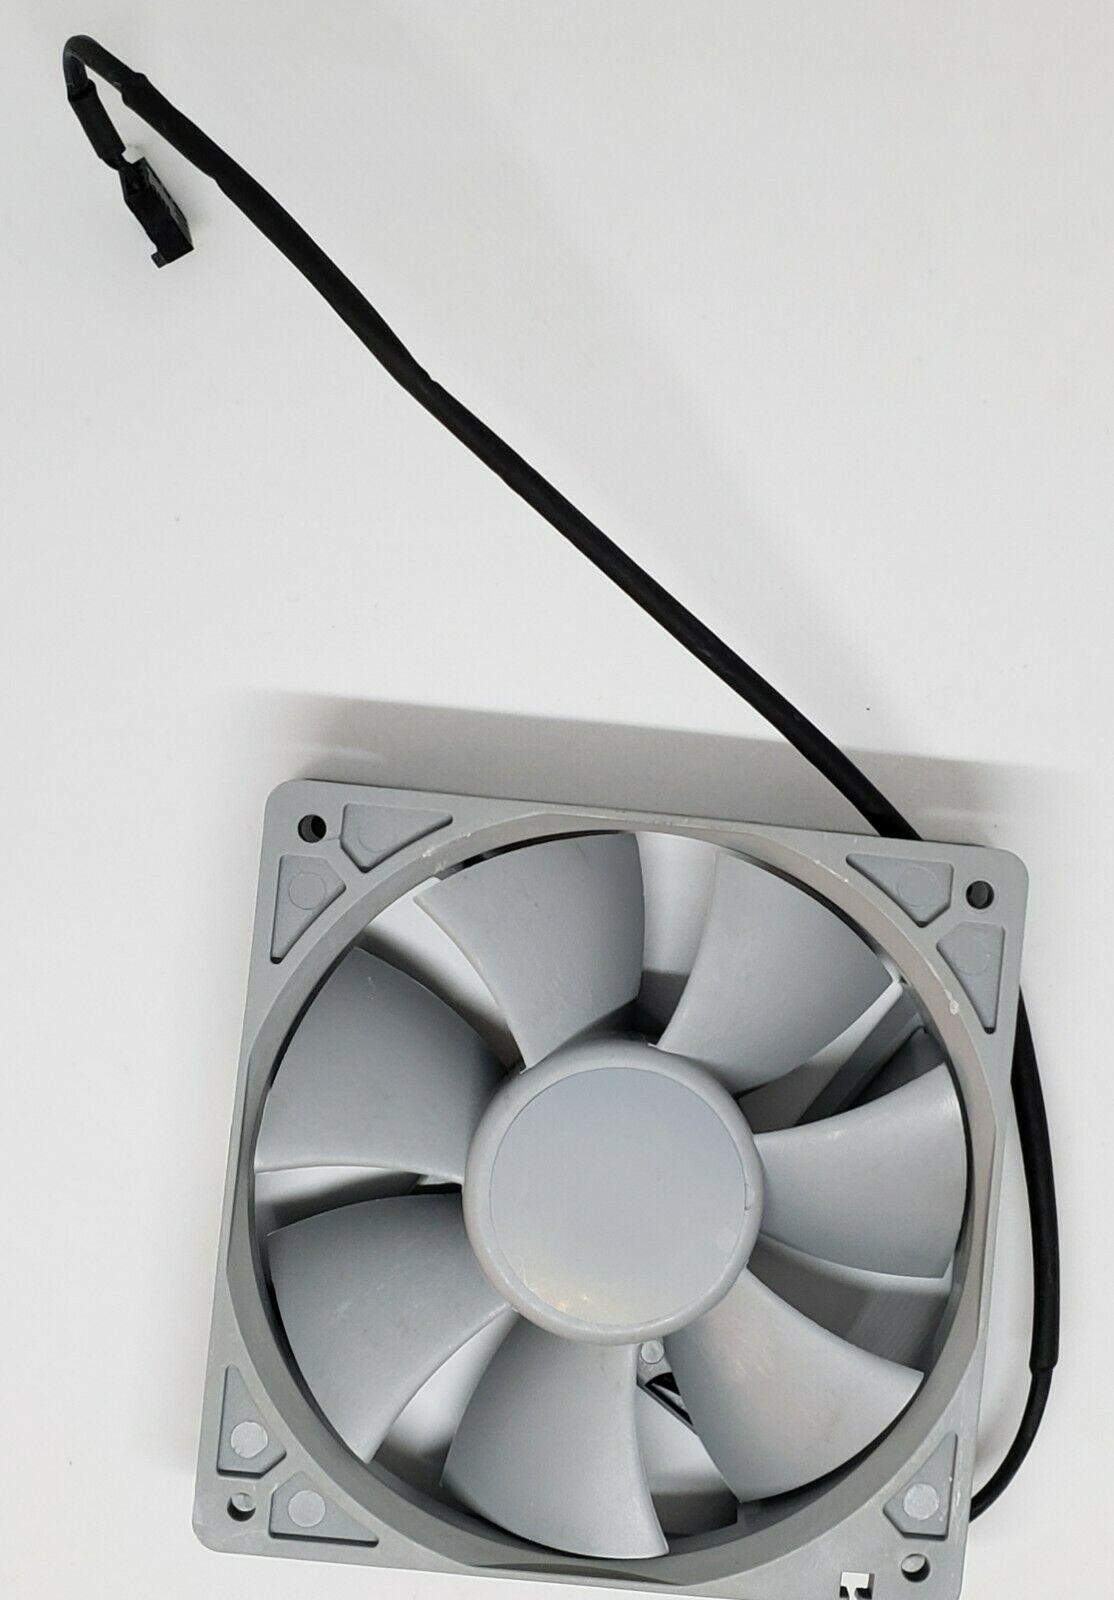 Ventilador Apple Mac Pro 4,1 5,1 2009 2010 2012 A1289 Tunel Optico y Fuente de Poder Macpro